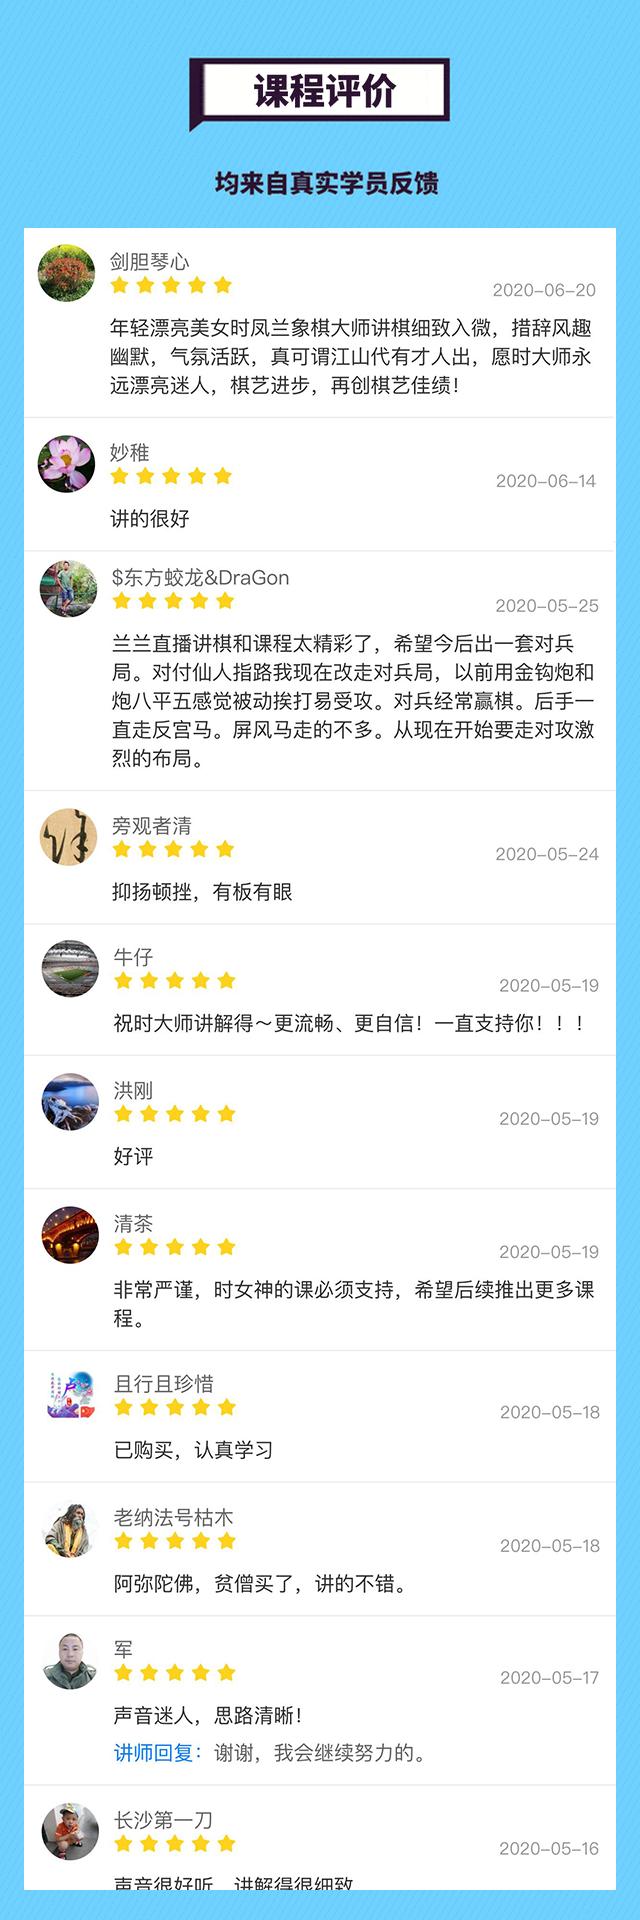 9课程评价-胡荣华40局.png